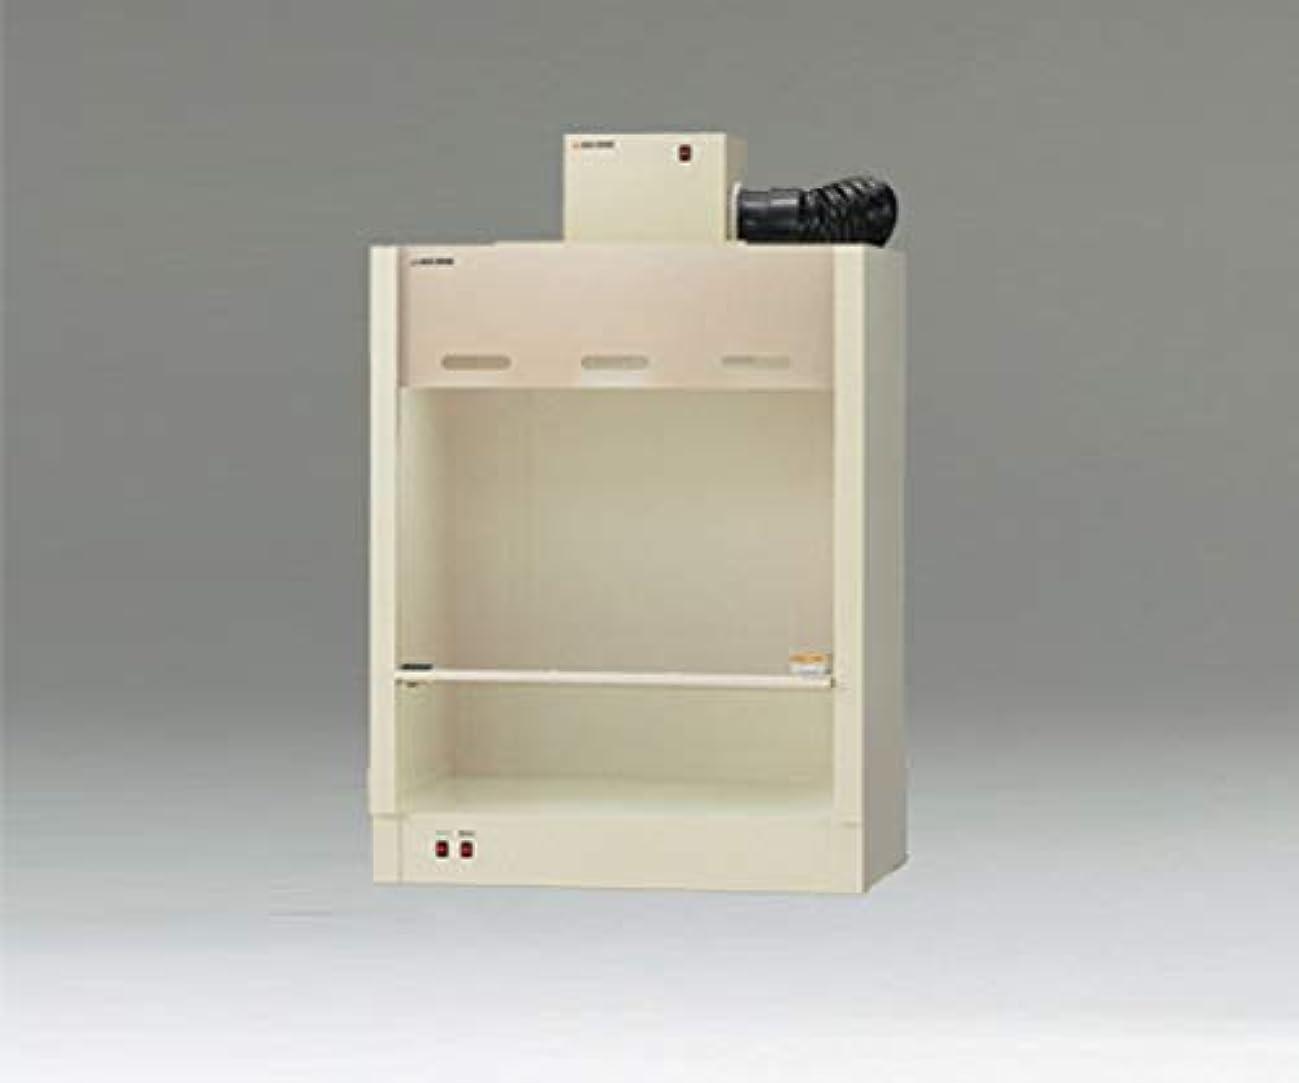 アズワン コンパクトドラフト700(PVC製)M型ファン付き CD7P-MFX/3-4056-28